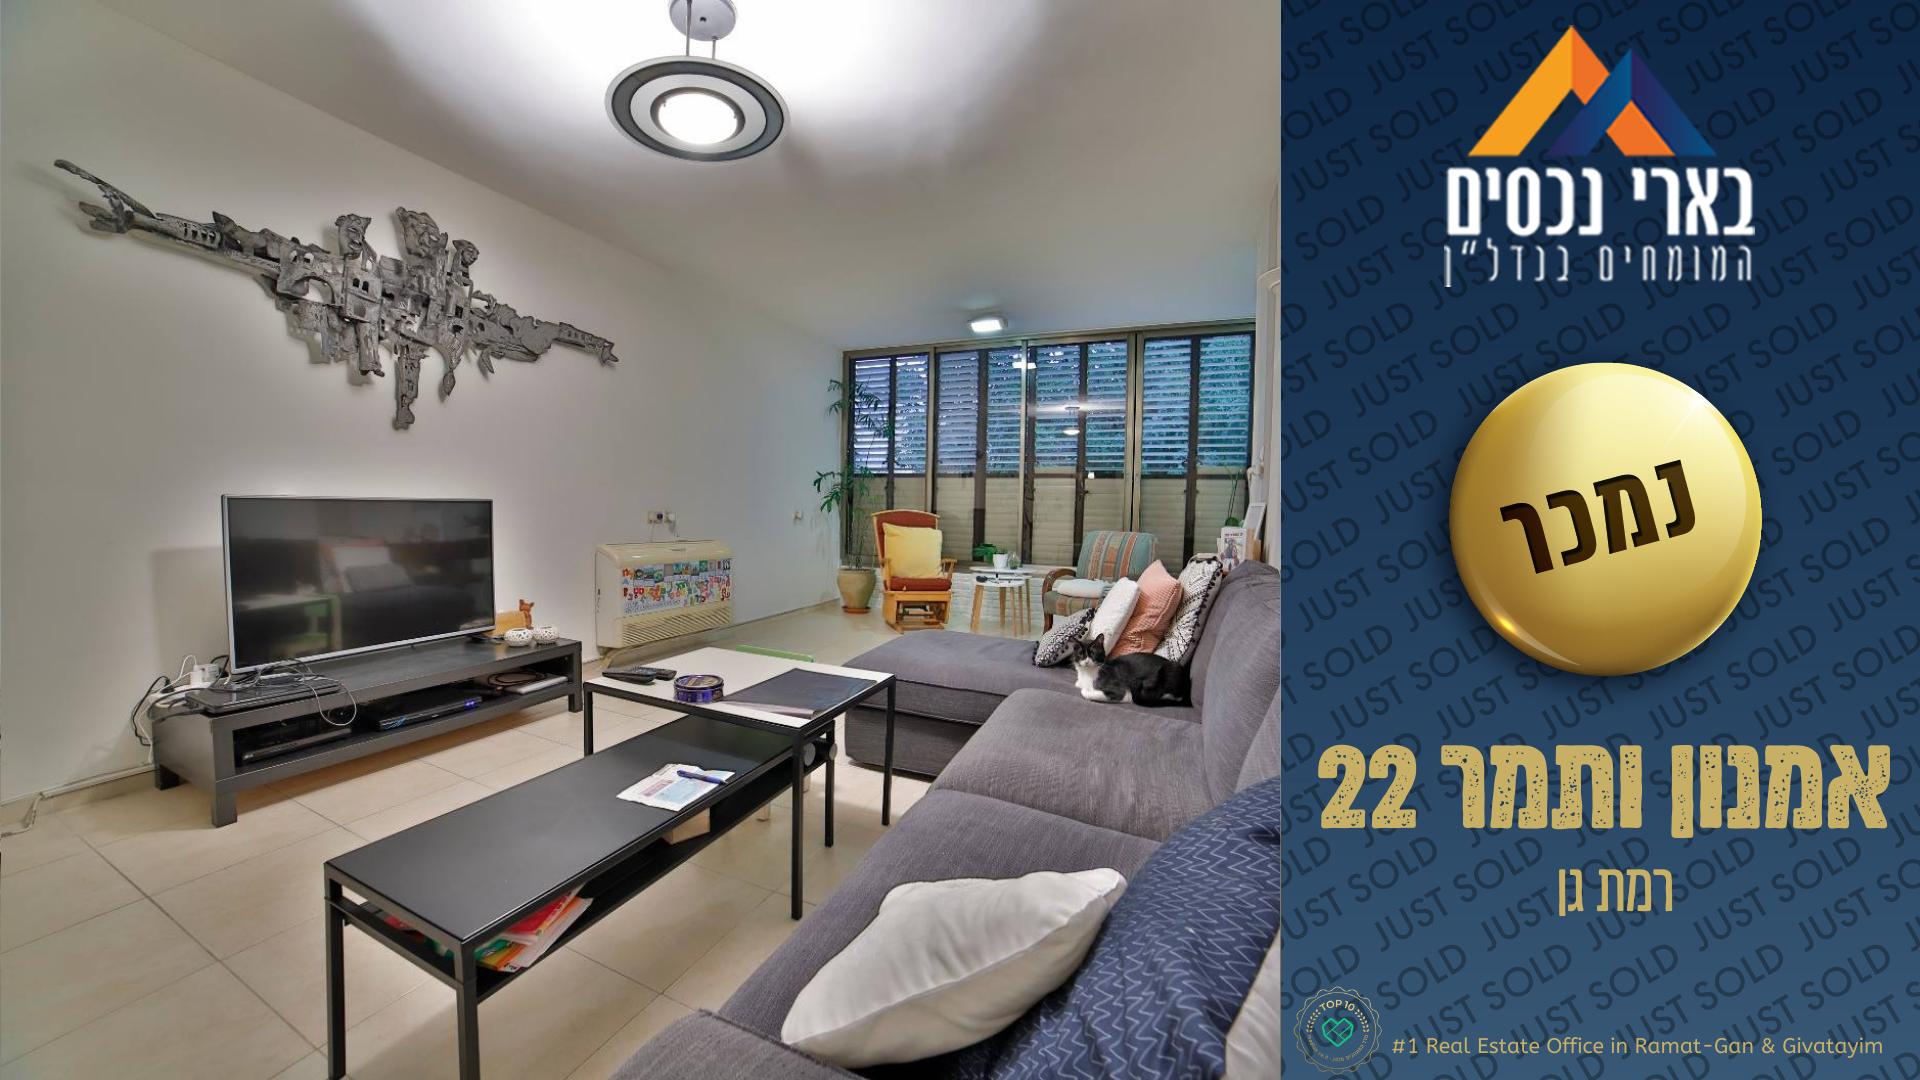 רח׳ אמנון ותמר 22 – נמכרה דירת ענק